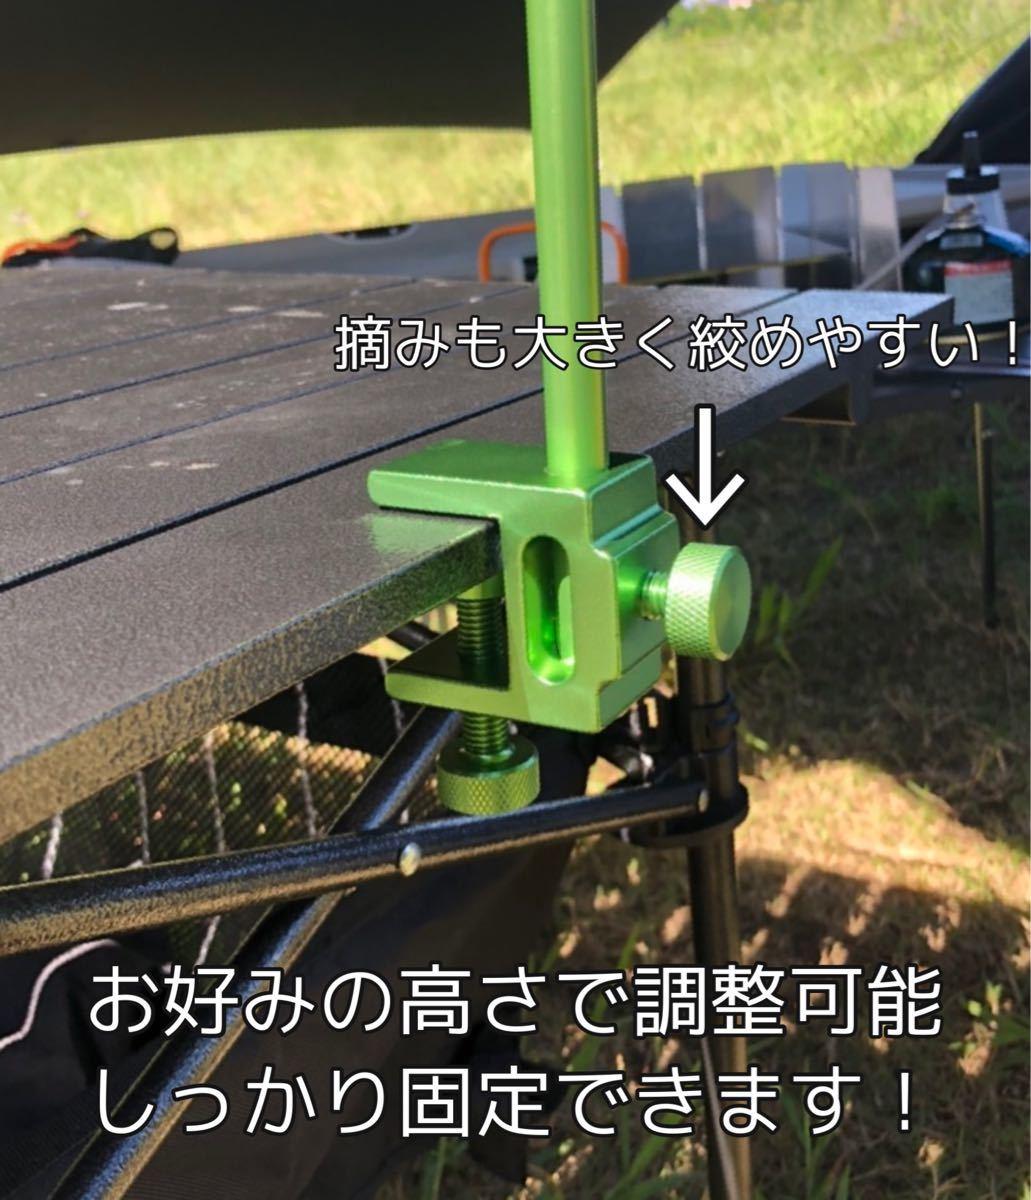 ランタンポール ランタンハンガー ダブルフック クランプ式 打ち込み式対応